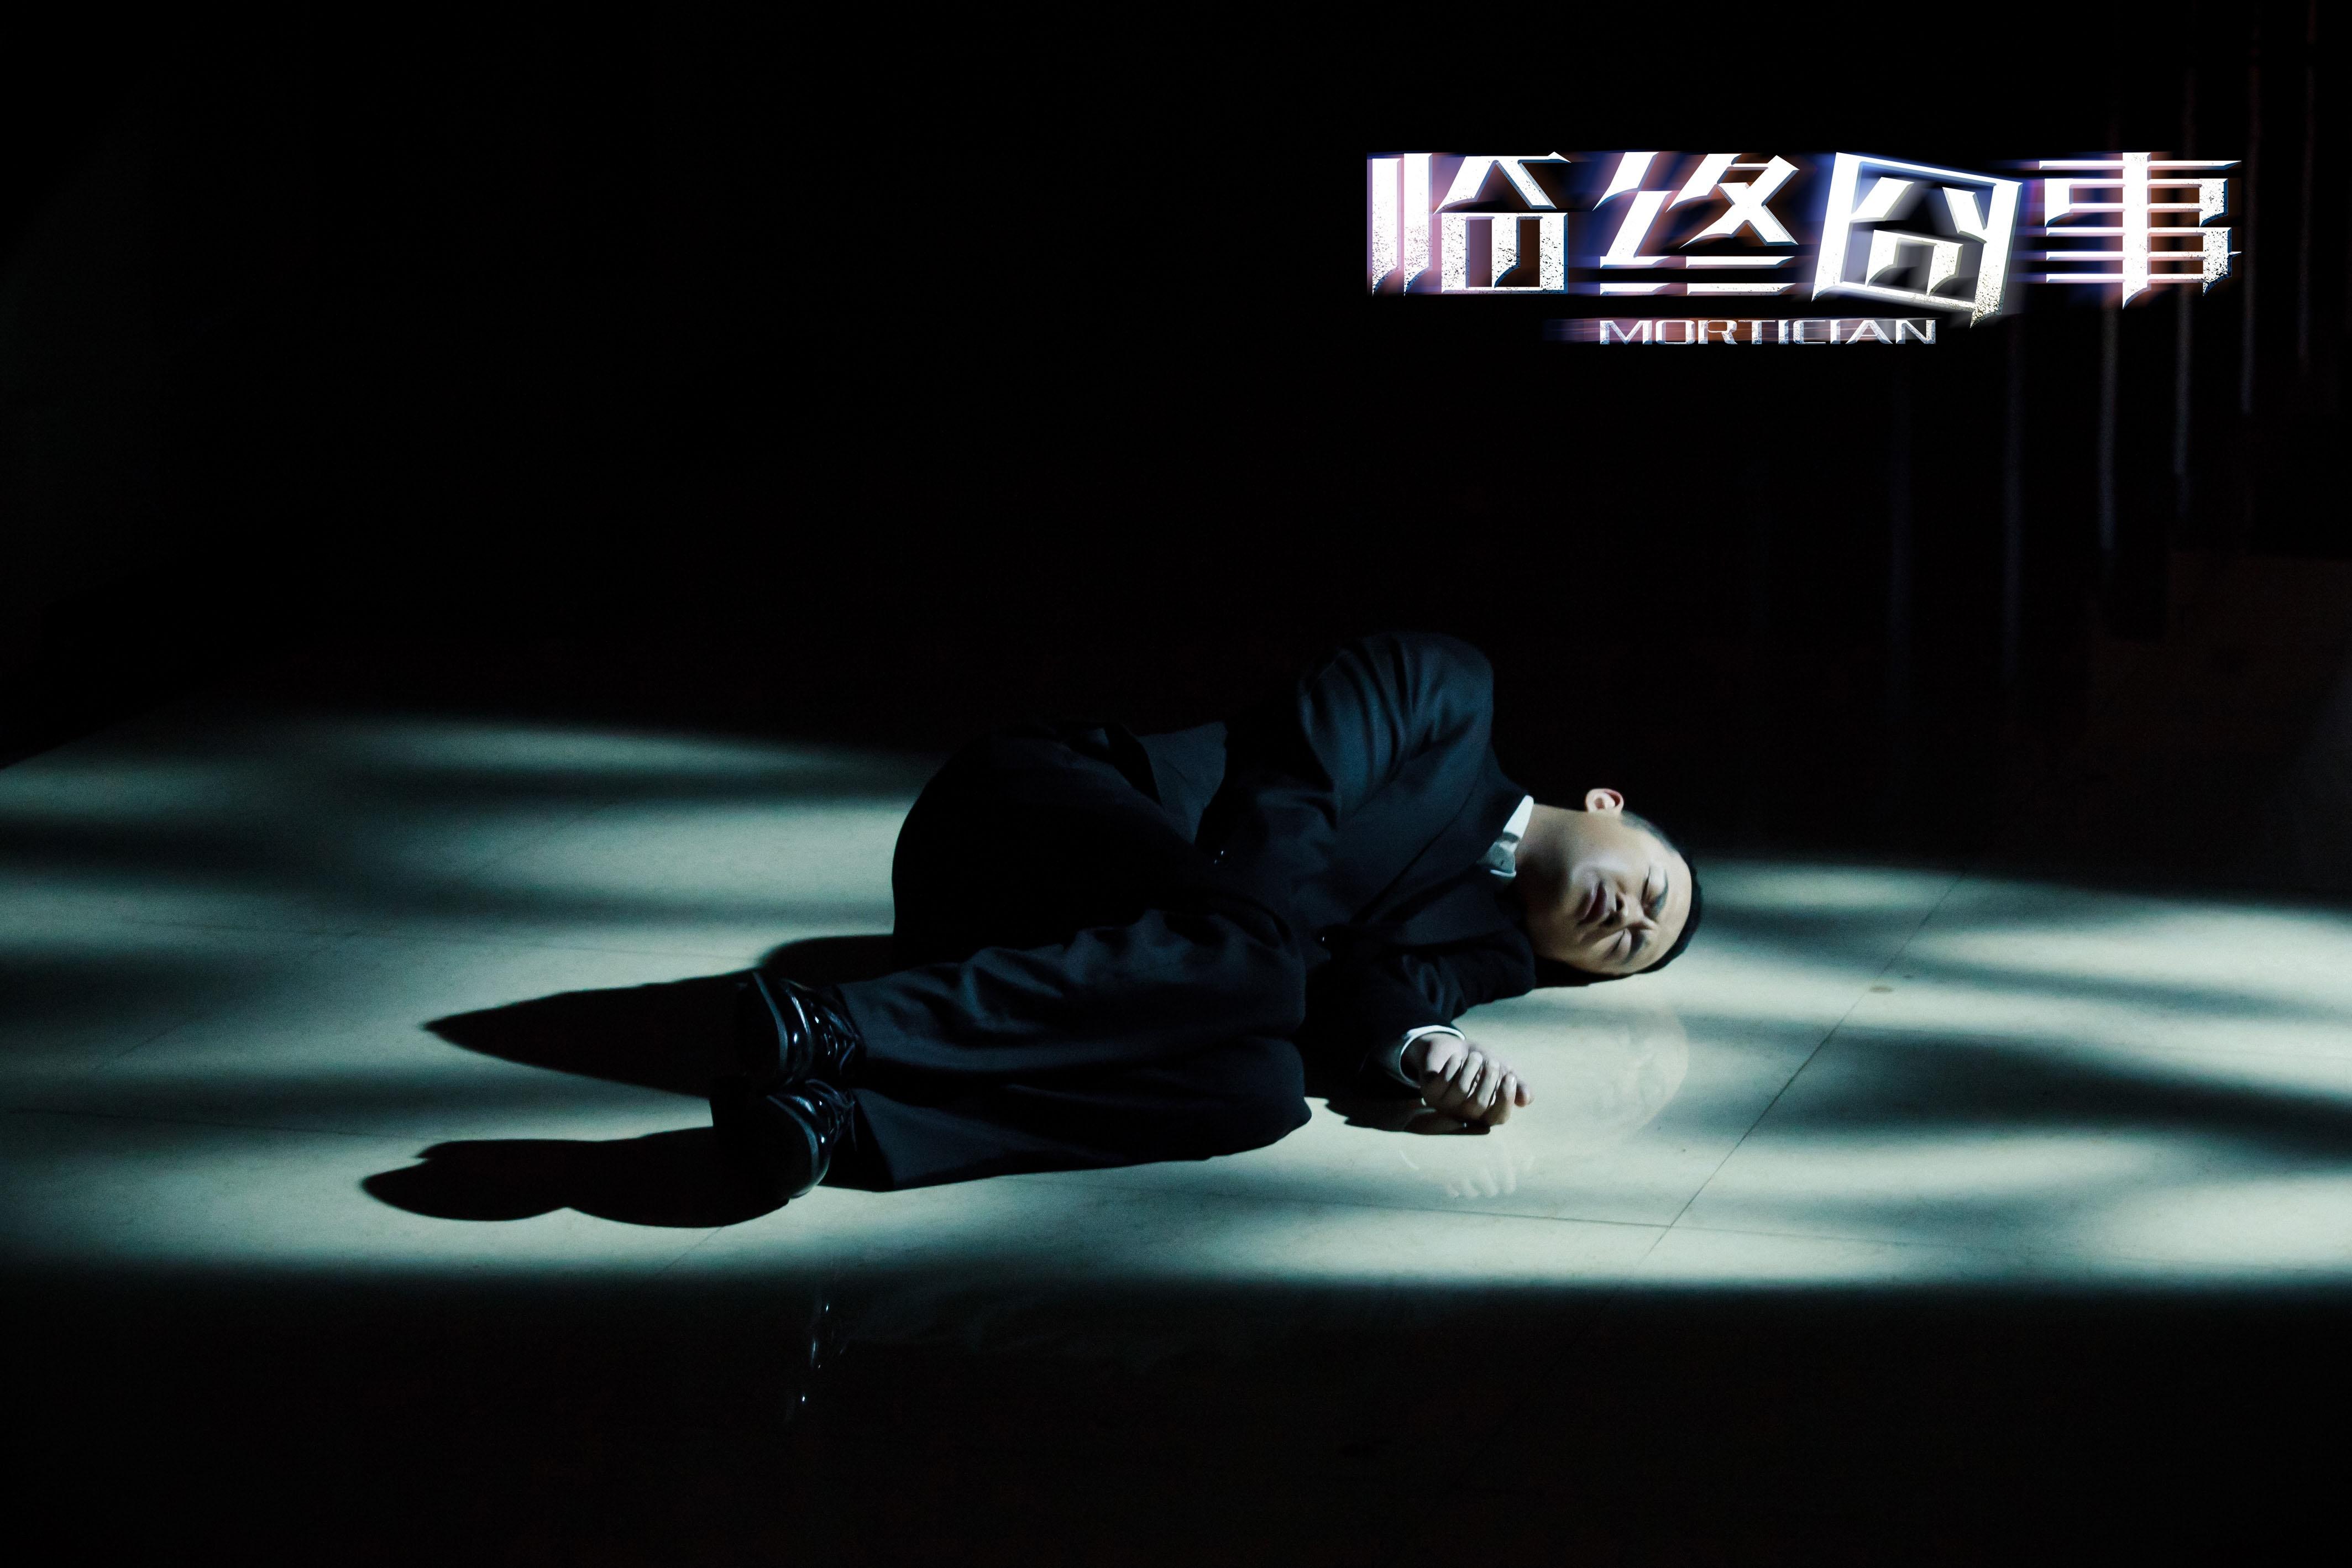 临终囧事_电影剧照_图集_电影网_1905.com